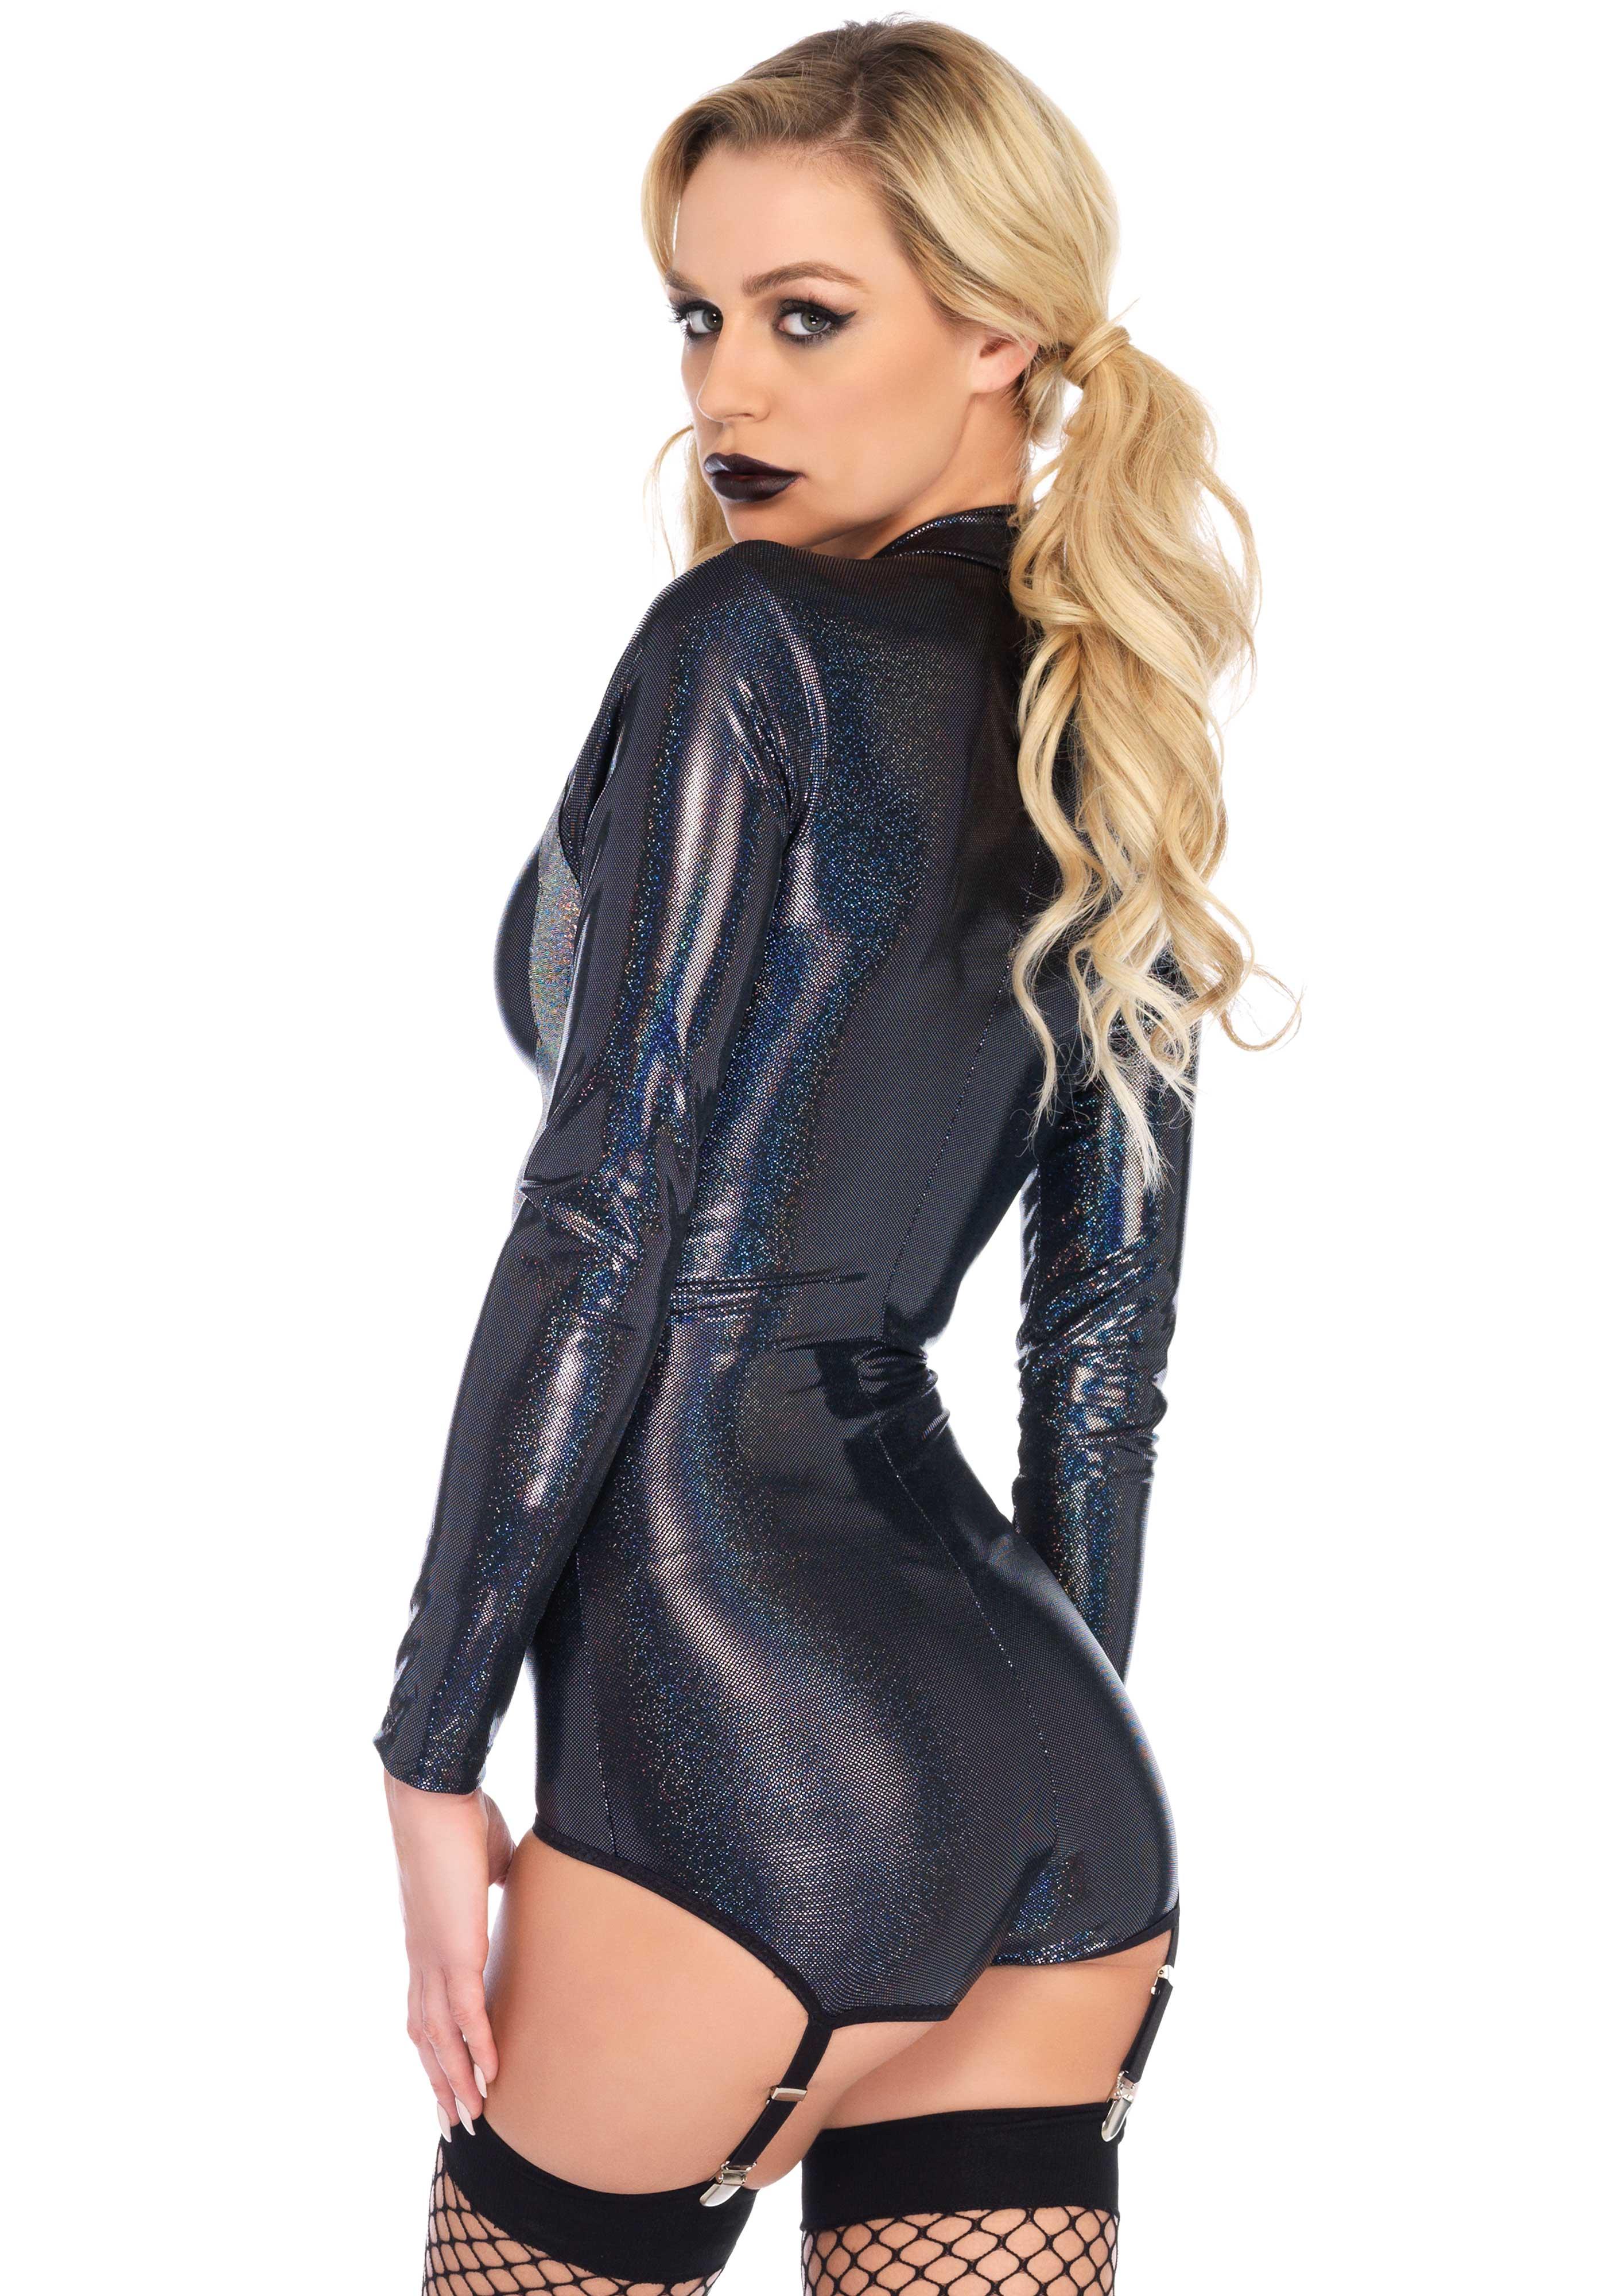 Shimmer iridescent skull garter bodysuit for a do-it-yourself costume.